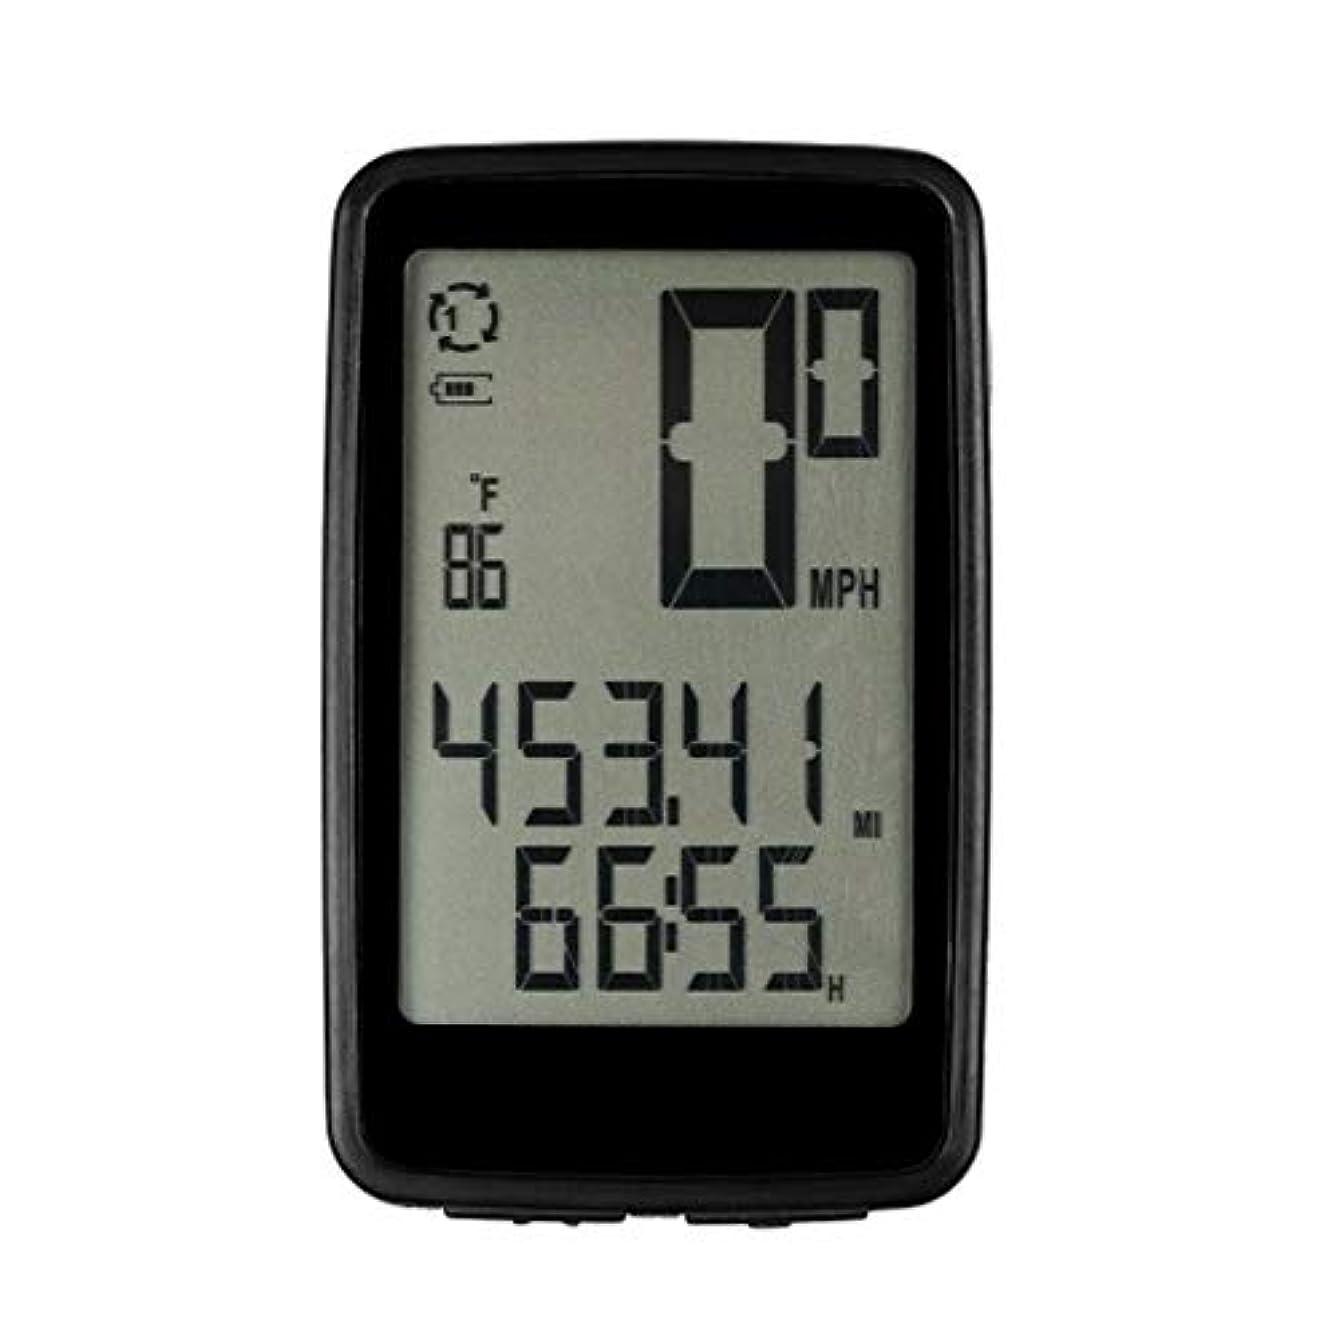 雑種ロータリーどれか自転車コンピューター ワイヤレス自転車コンピュータのUSB充電式でケイデンスセンサー自転車スピードメーター走行距離 軽量で実用的で用途が広い (色 : Black1, Size : One size)